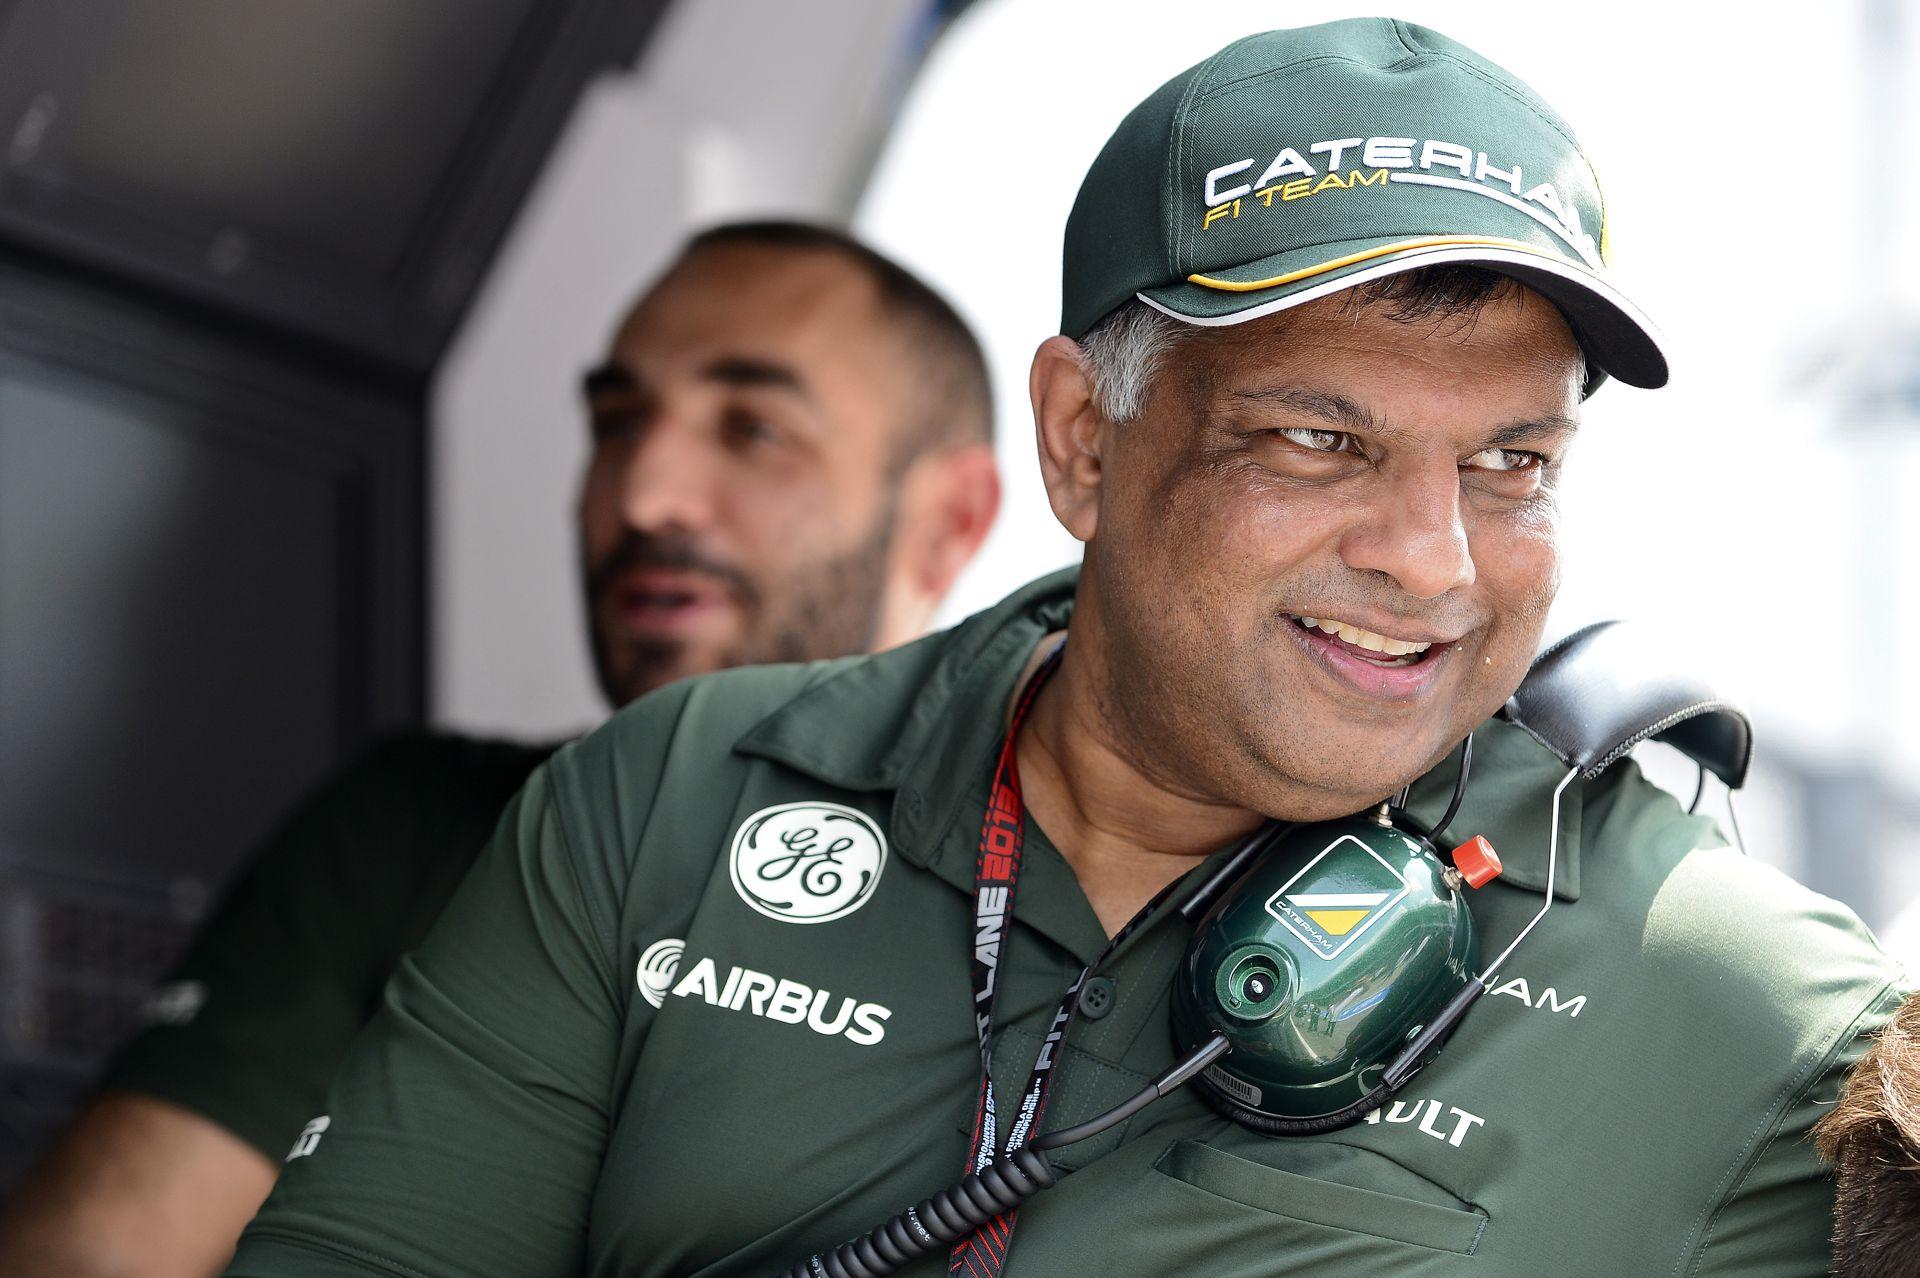 Fernandes kiszáll a Forma-1-ből: Új tulajdonos a Caterham csapatnál